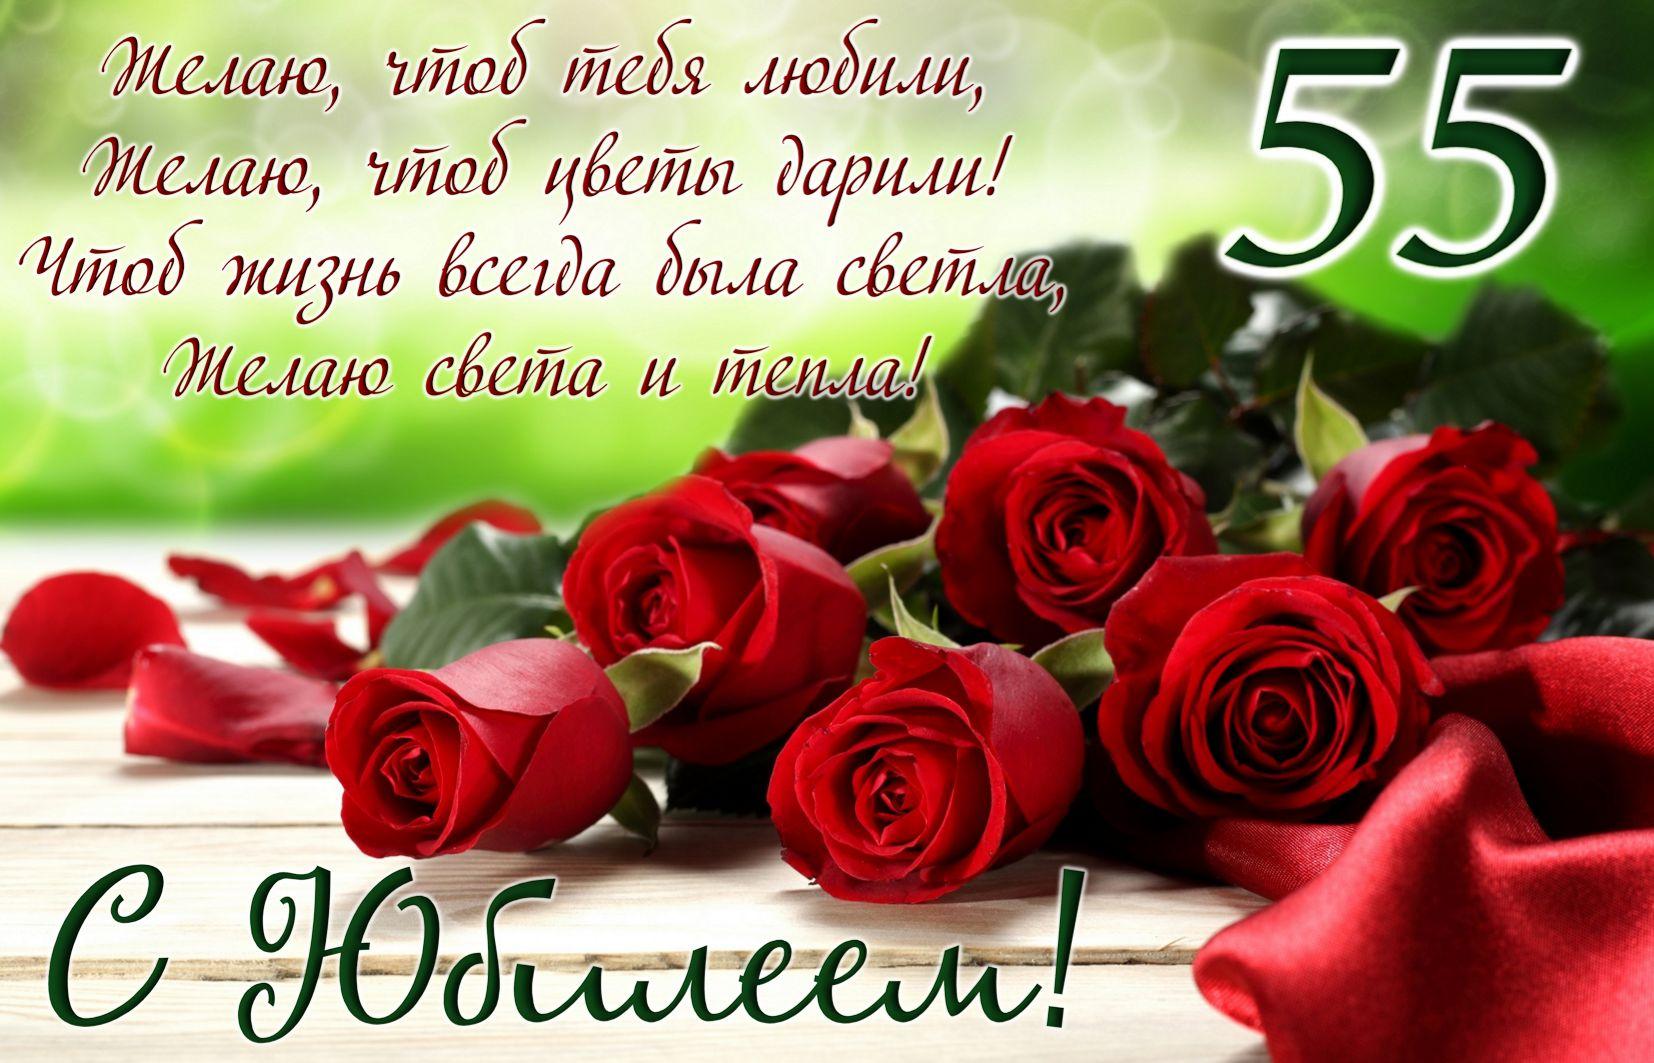 Открытка на юбилей 55 лет - рассыпанные красные розы и пожелание